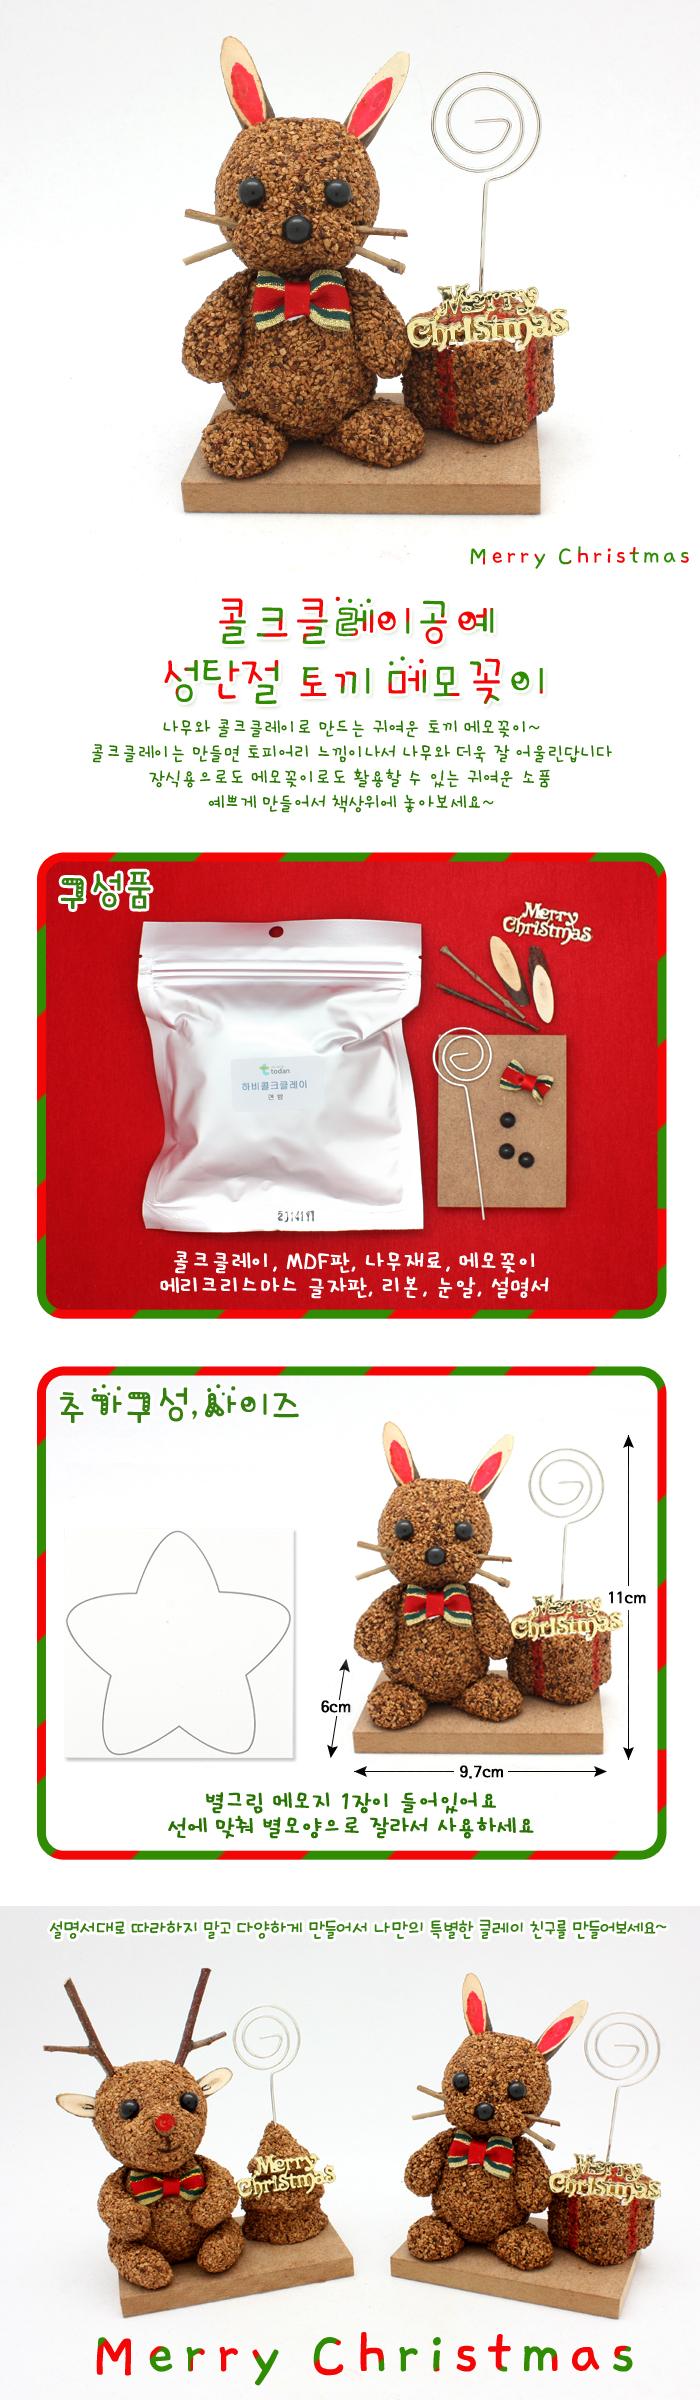 콜크클레이공예-성탄절 토끼 메모꽂이 - 에코키즈, 3,000원, 클레이공예, 클레이공예 만들기 패키지